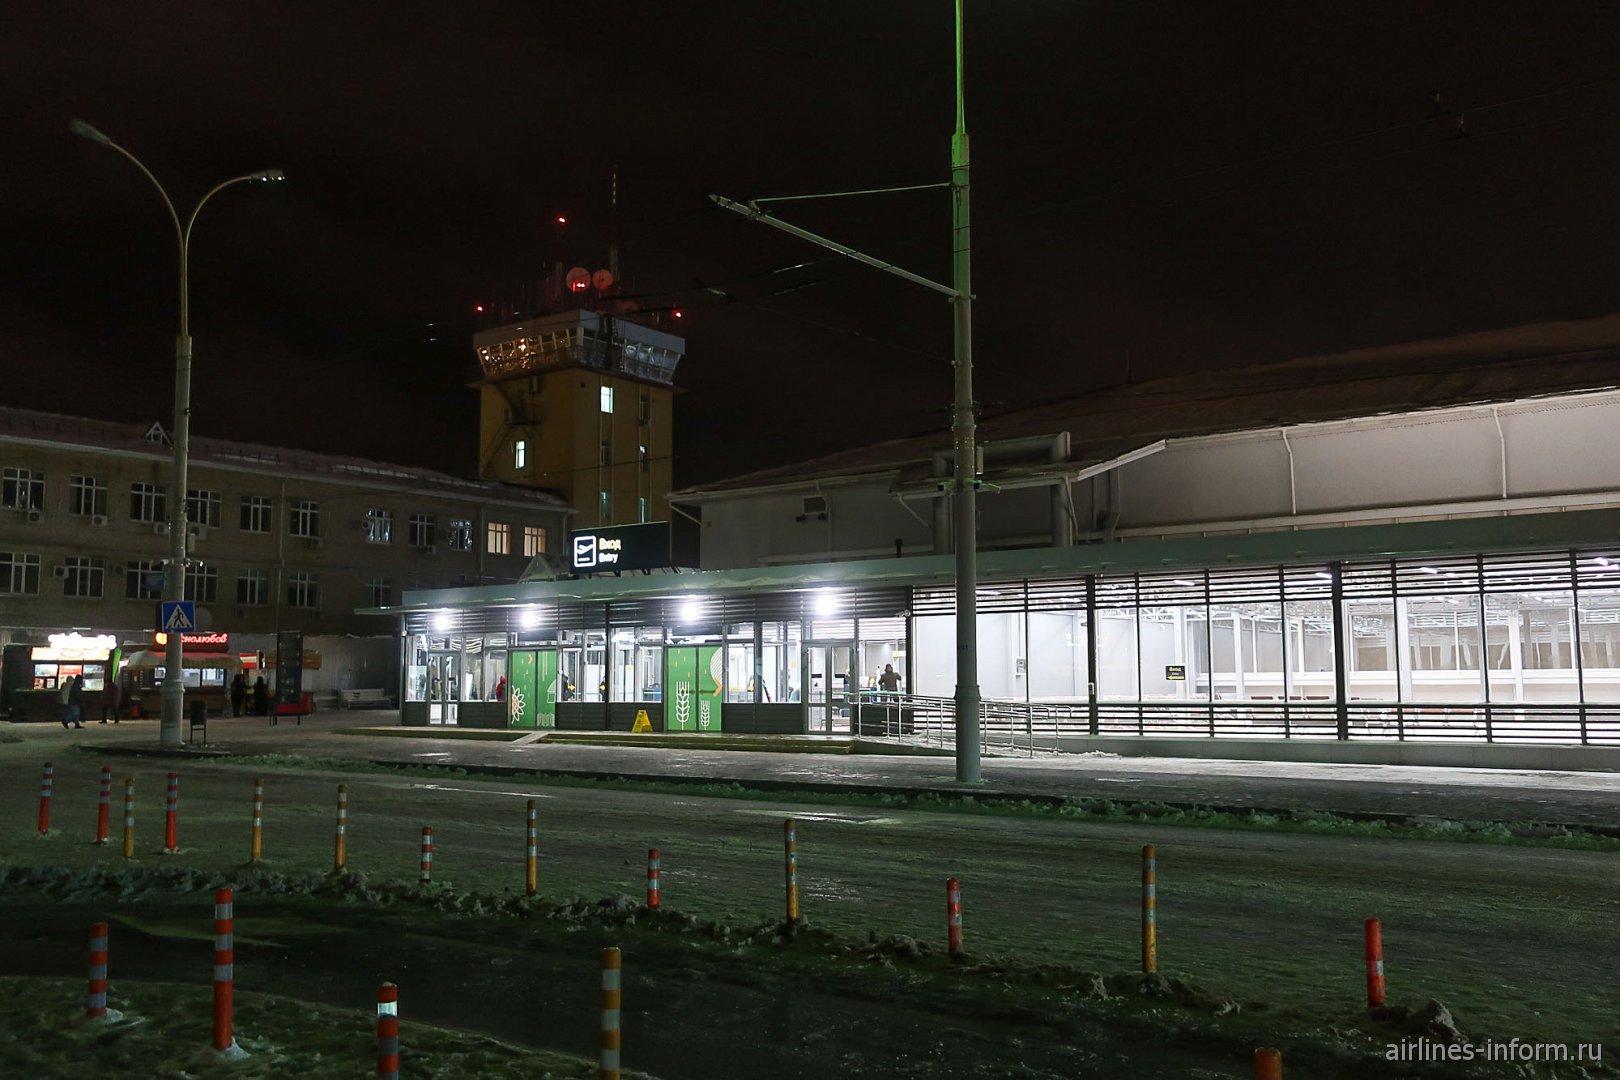 Вход в зону прилета аэропорта Краснодар Пашковский